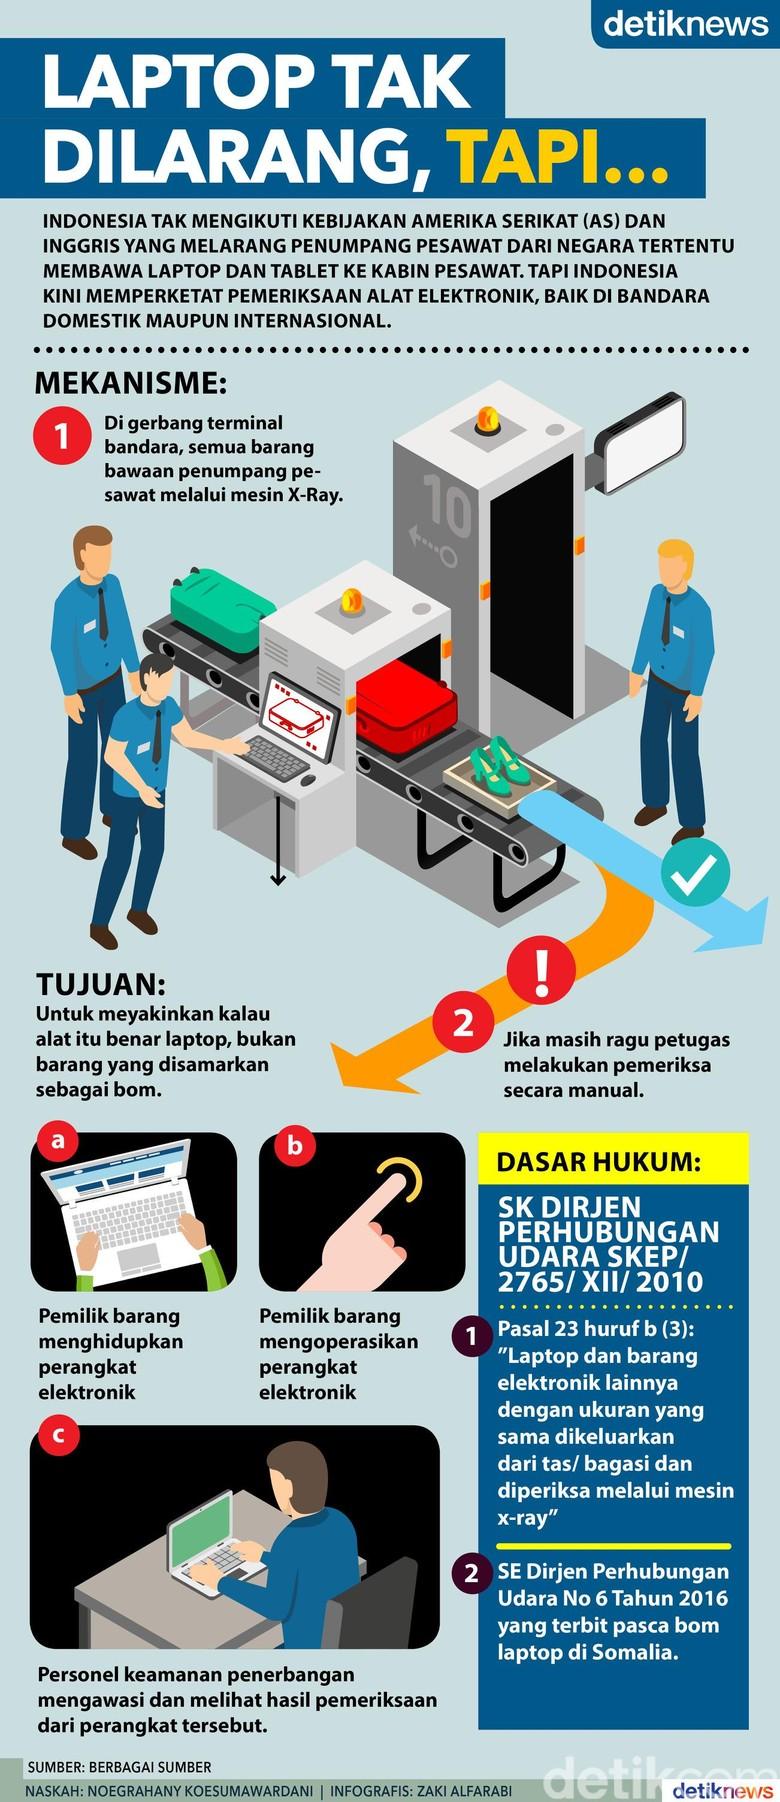 Mekanisme Pemeriksaan Alat Elektronik di Bandara Indonesia